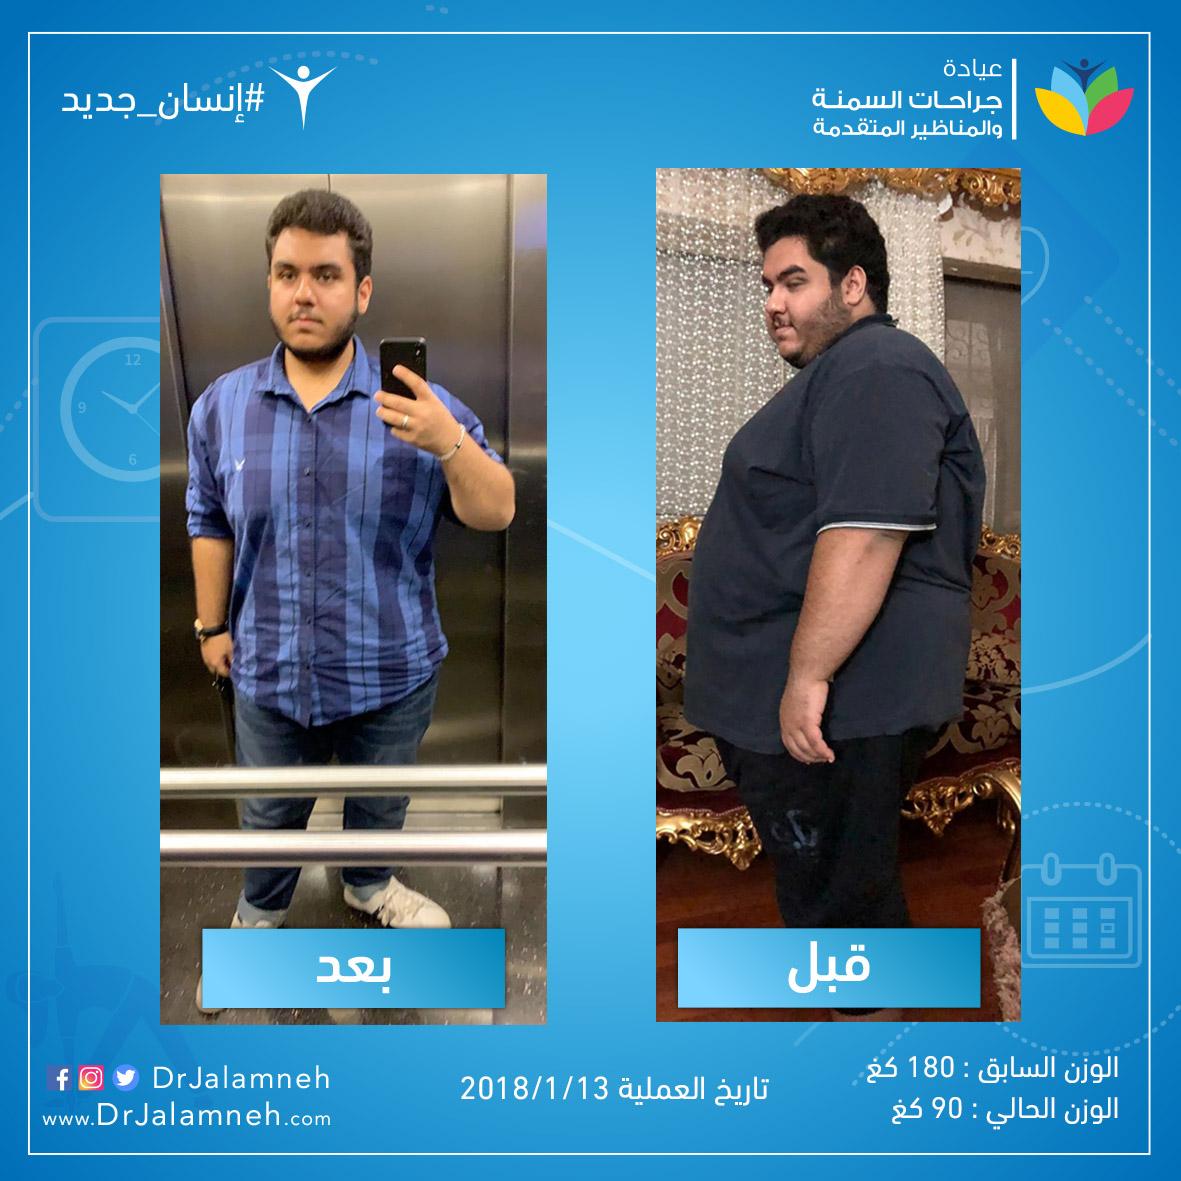 صور قبل و بعد عملية التكميم